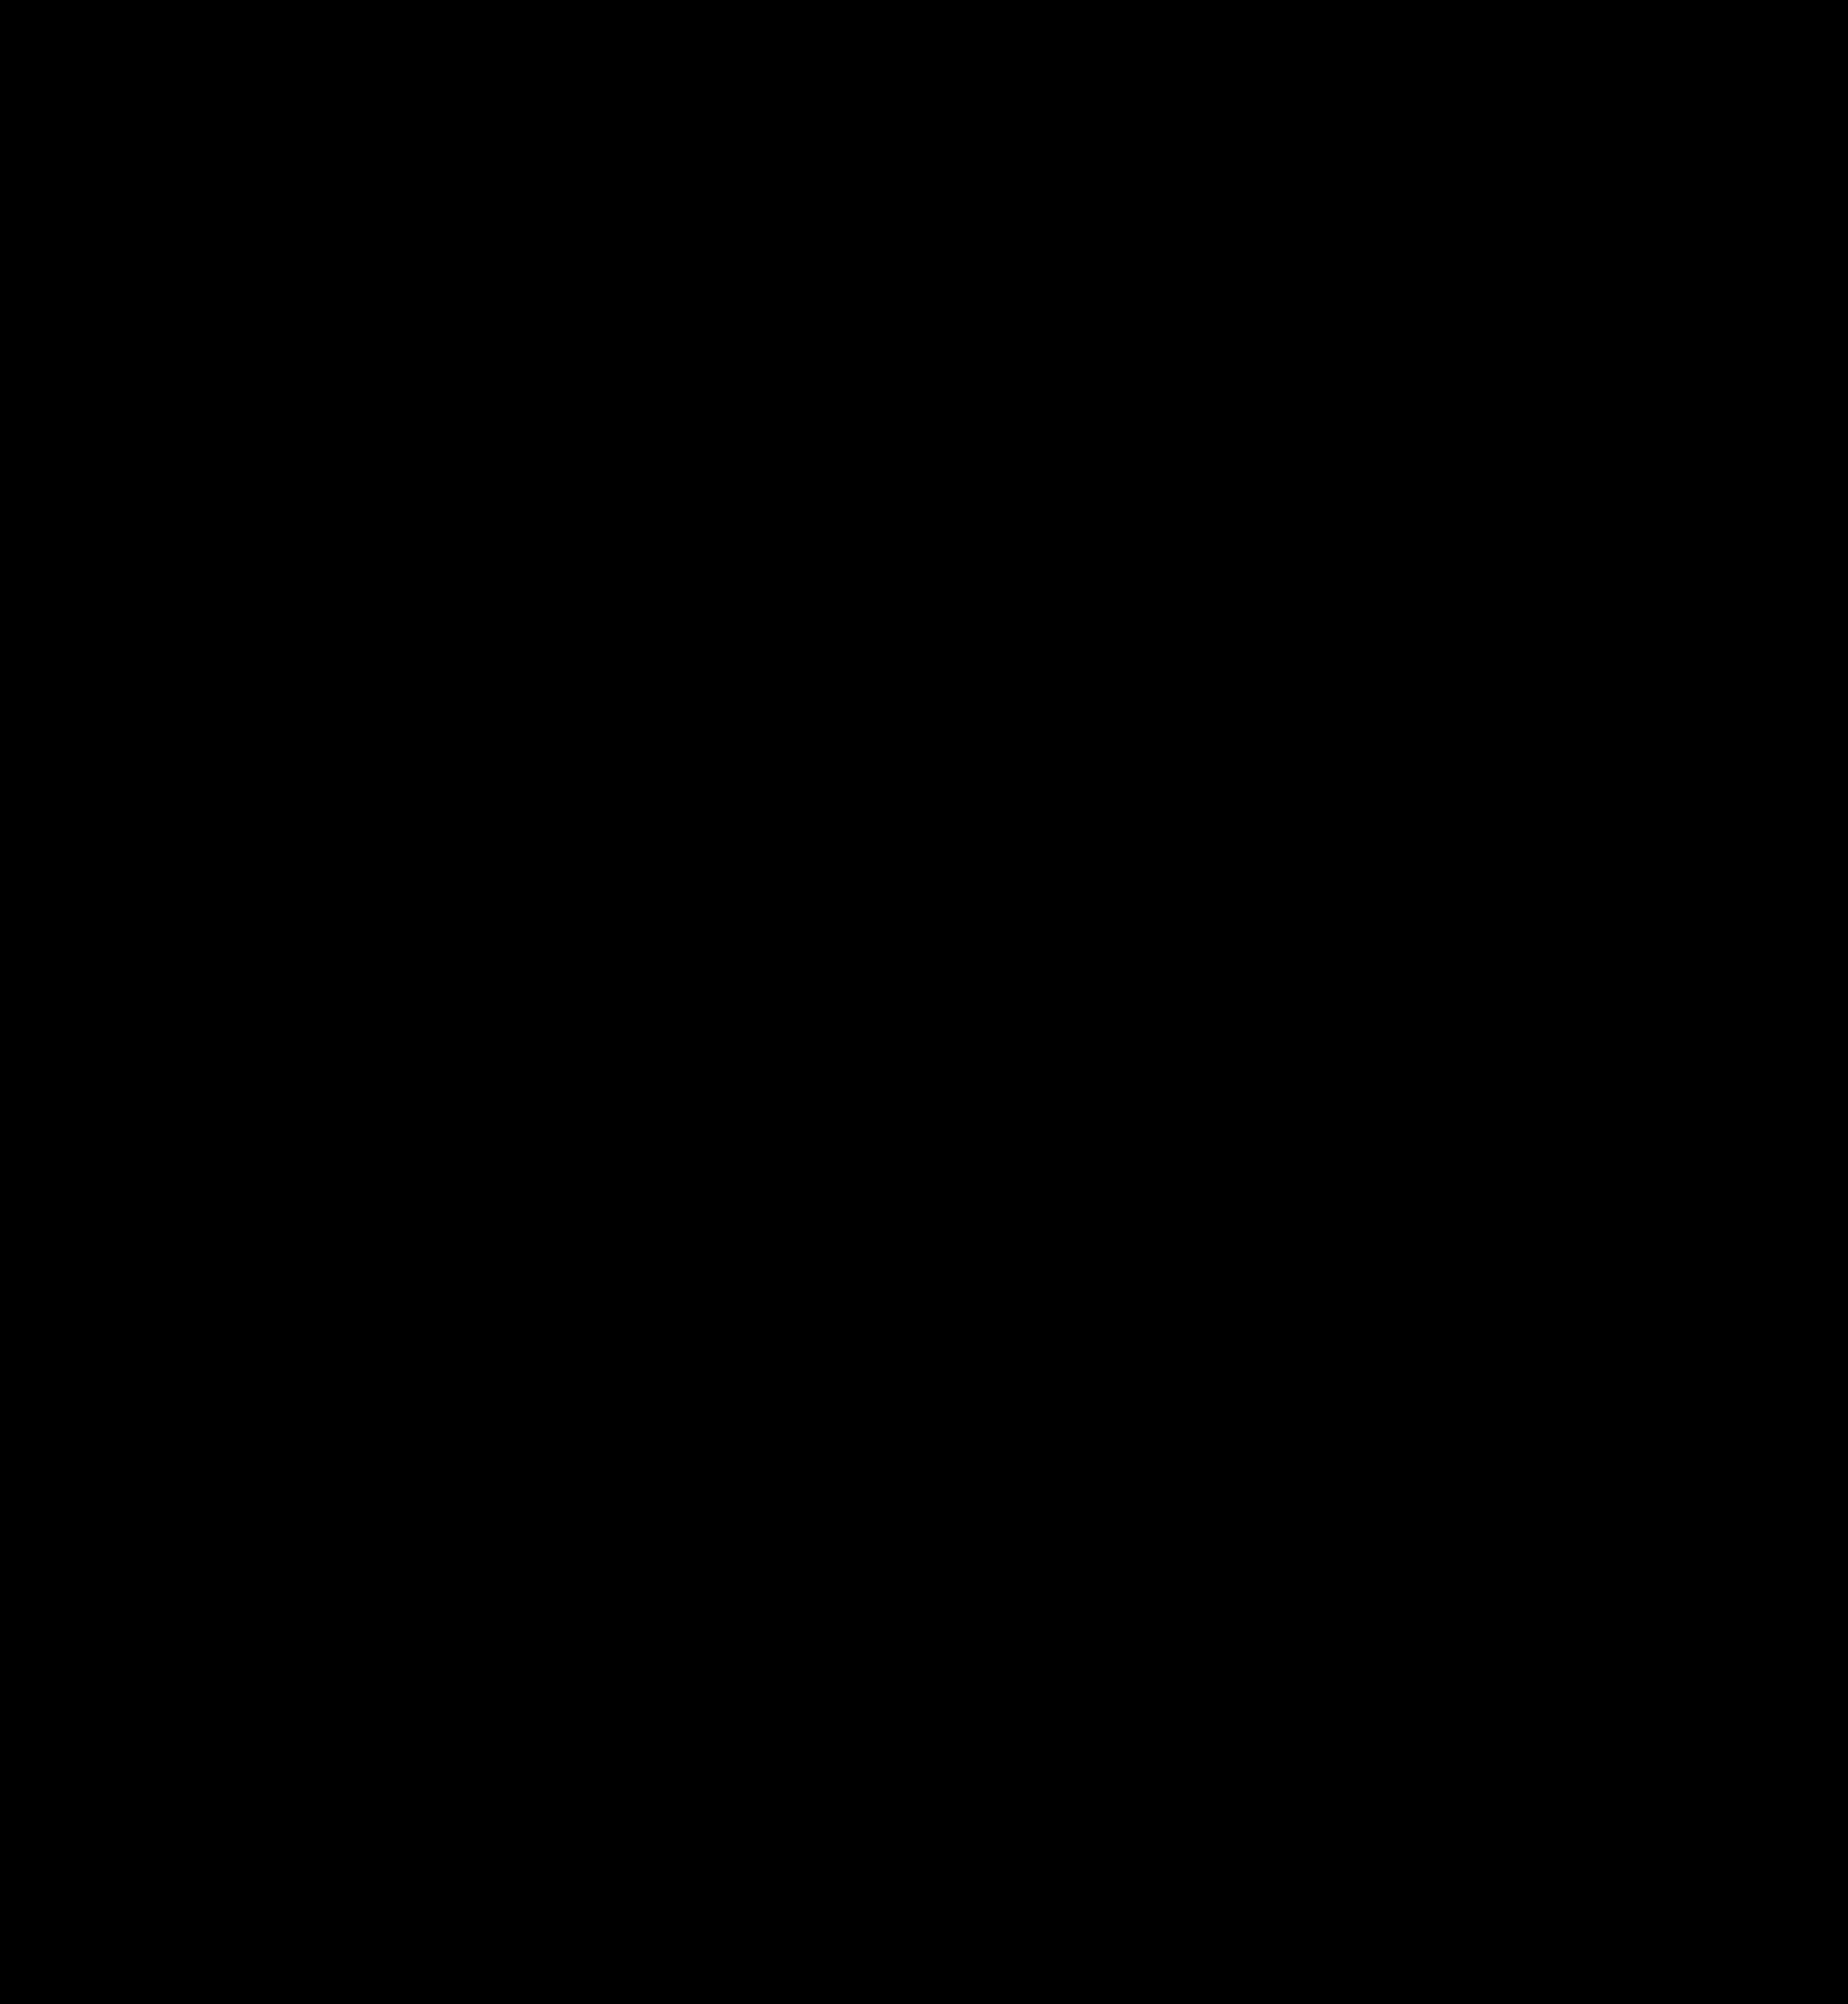 El Simbolo Del Amor En Chino Simbolos Mandalas Y Mas Letras